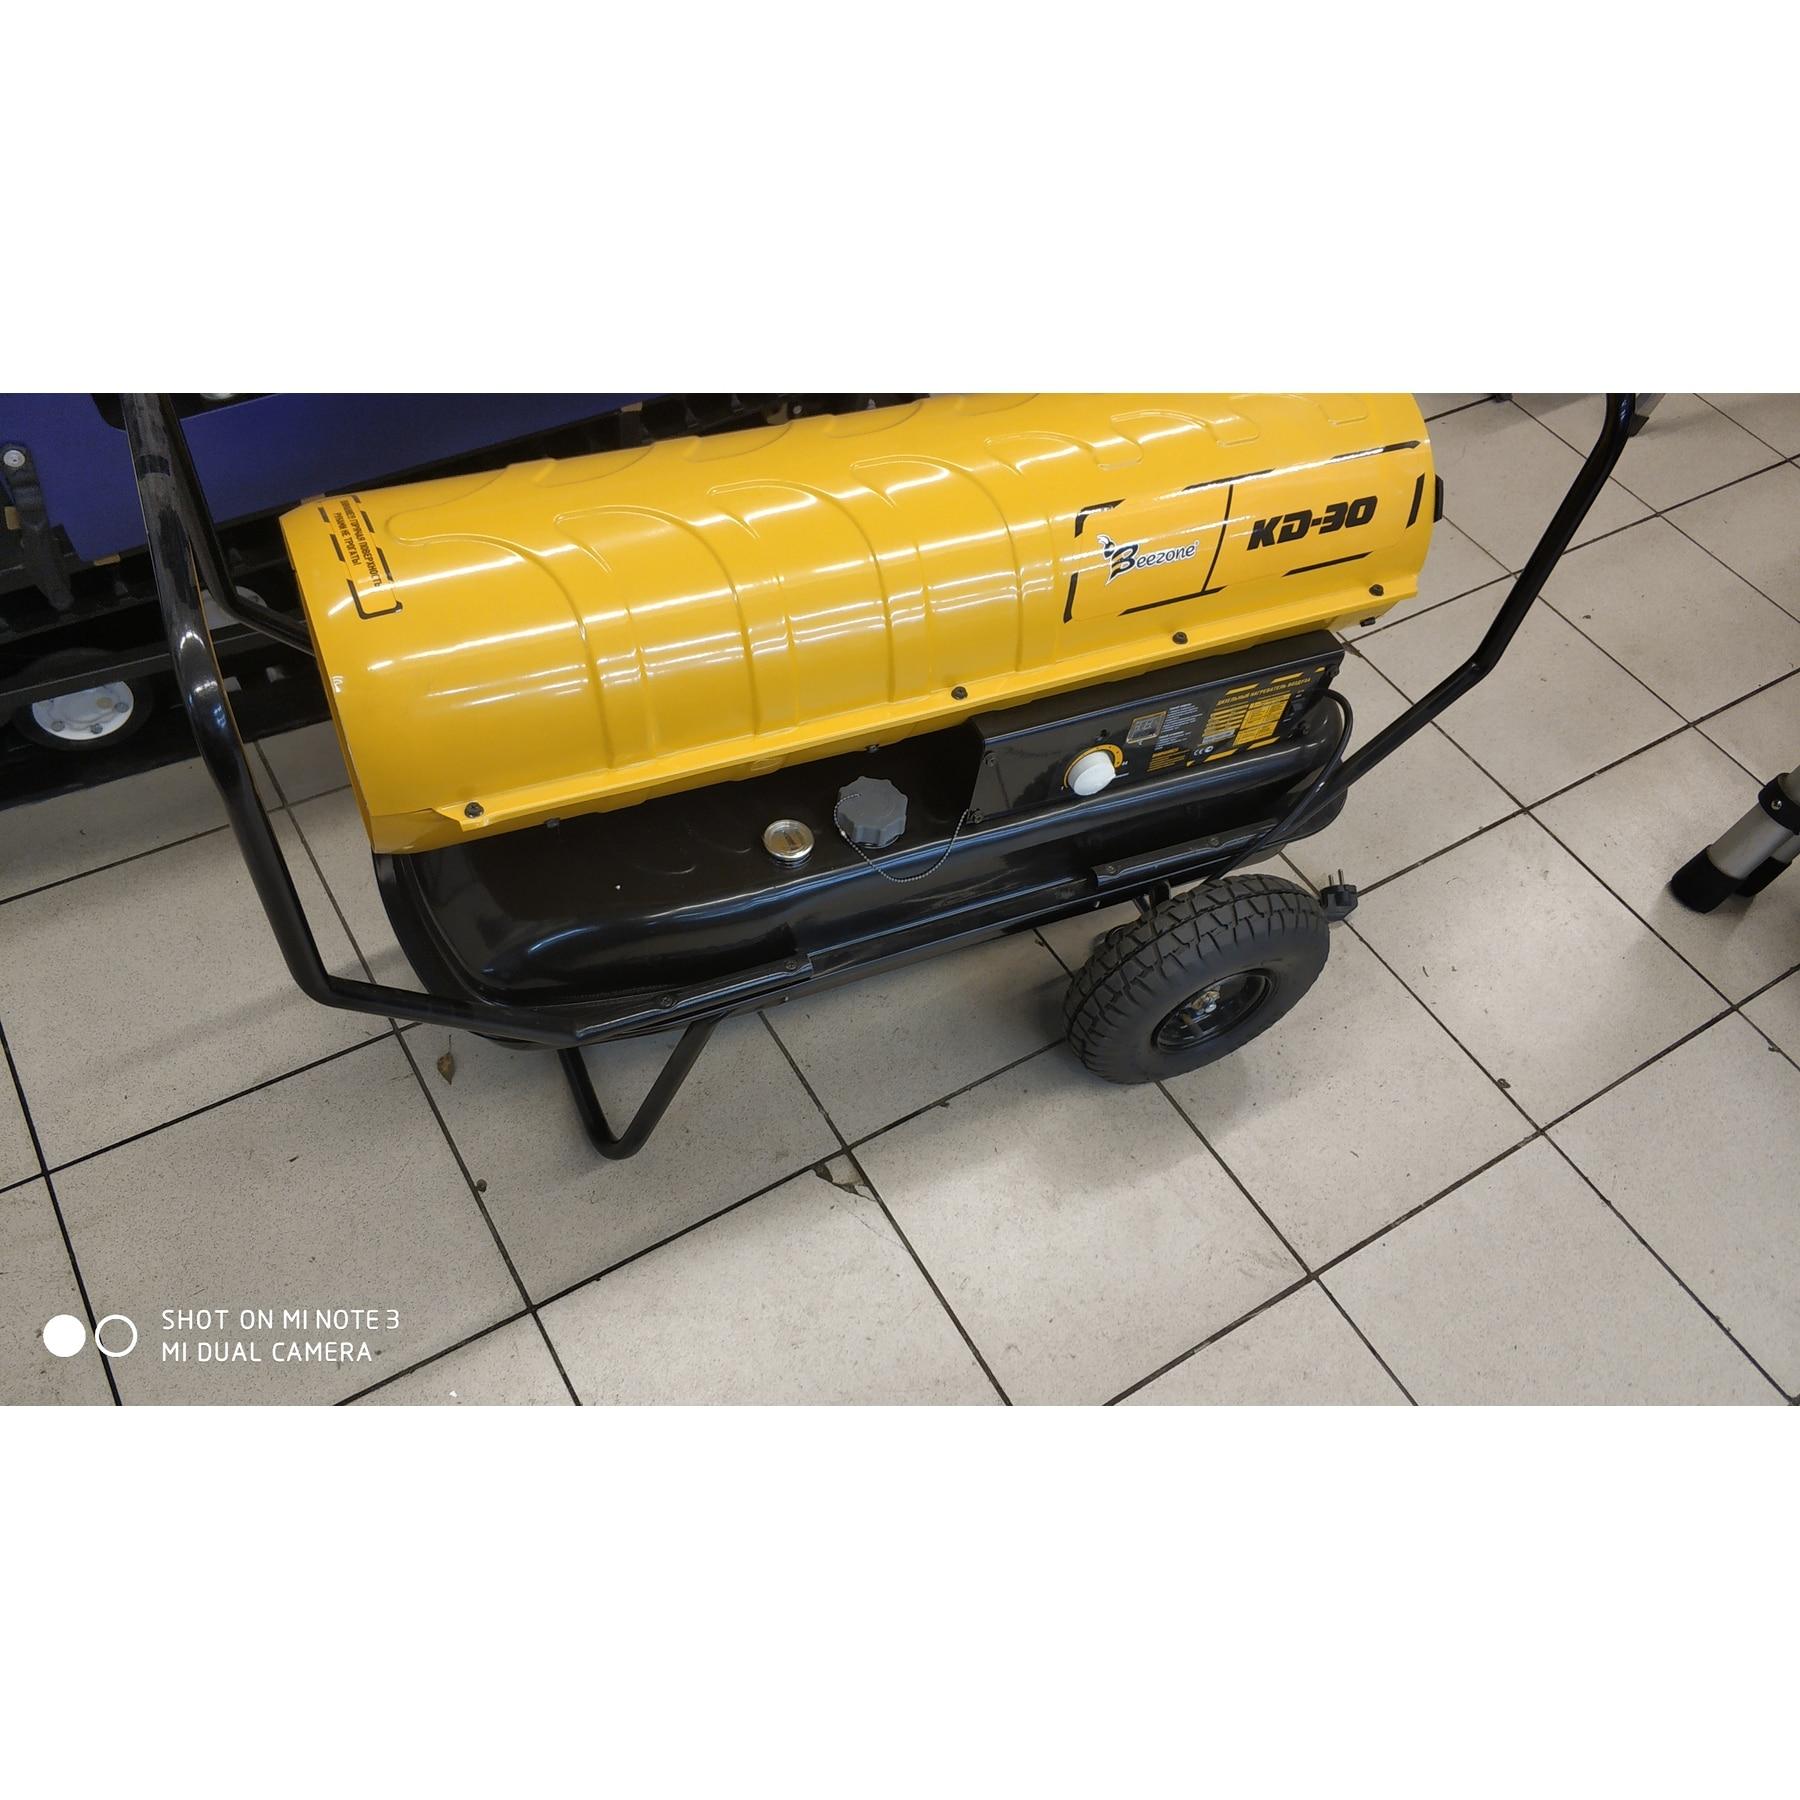 Тепловая пушка дизель/керосин beezone kd 30 проиp Корея(топловая мощность 36 кВт) Heat gun diesel / kerosene beezone kd 30 prod